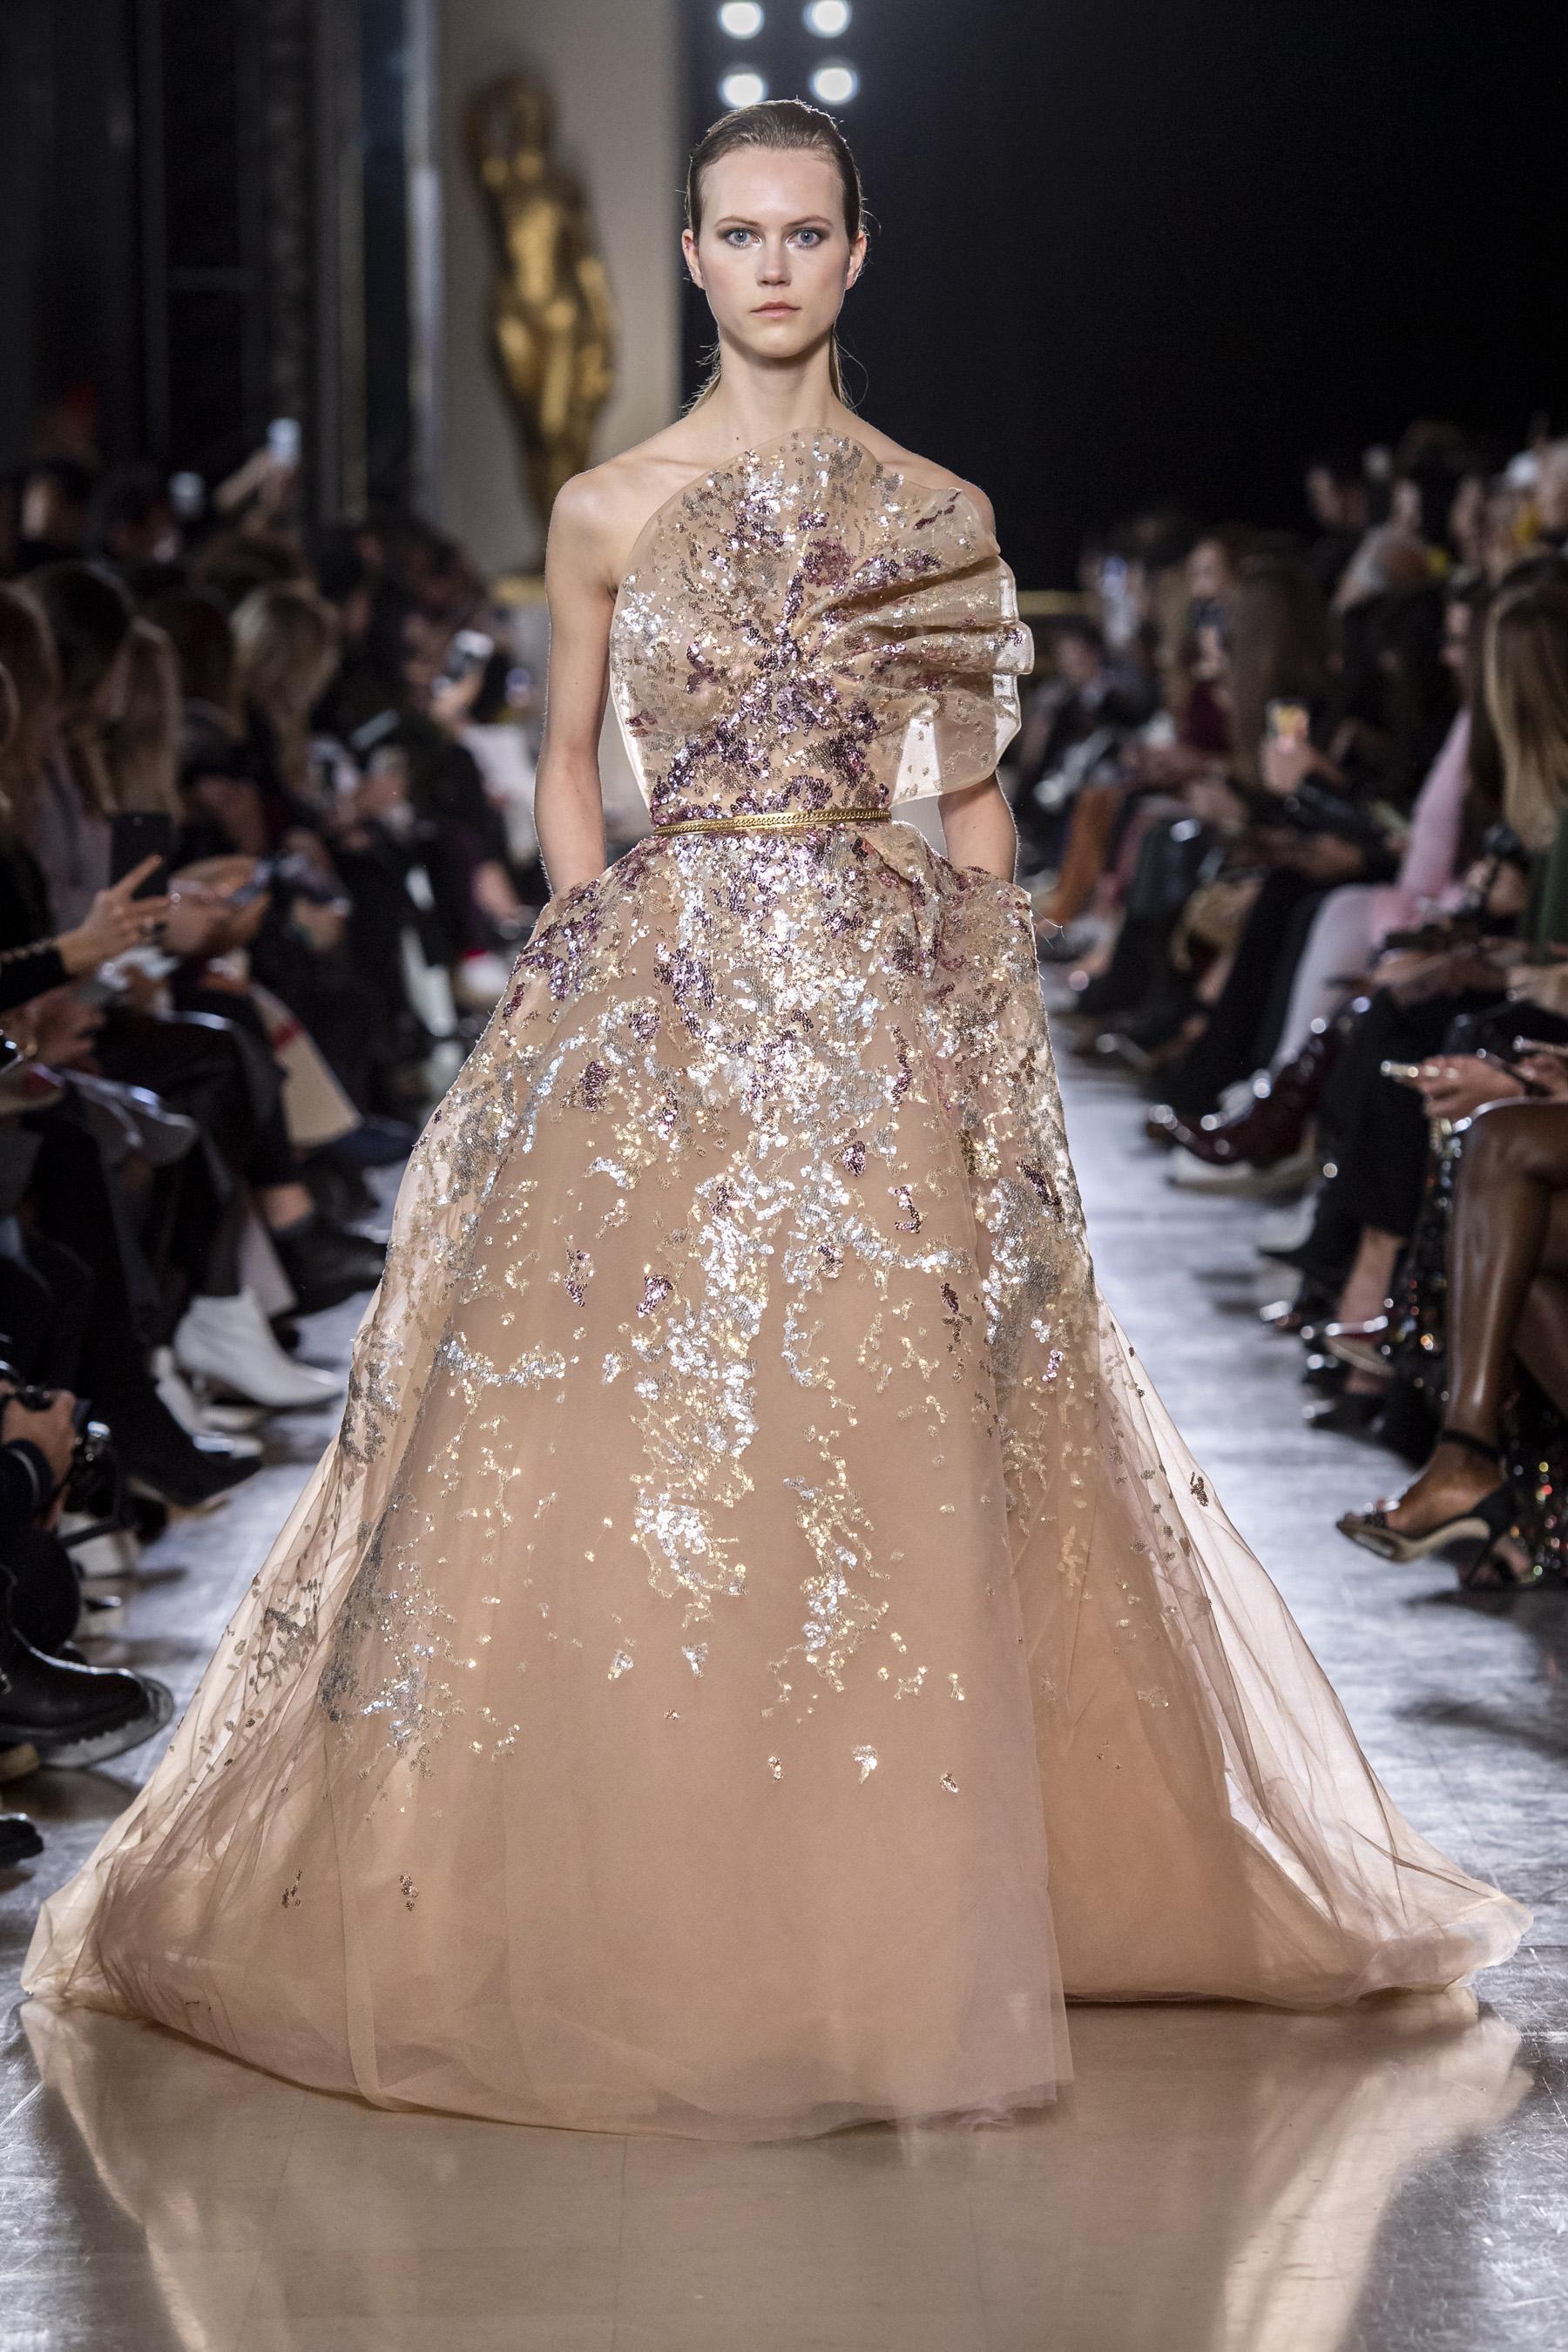 940e4266ea9 Défilé Elie Saab printemps-été 2019 Couture - Madame Figaro